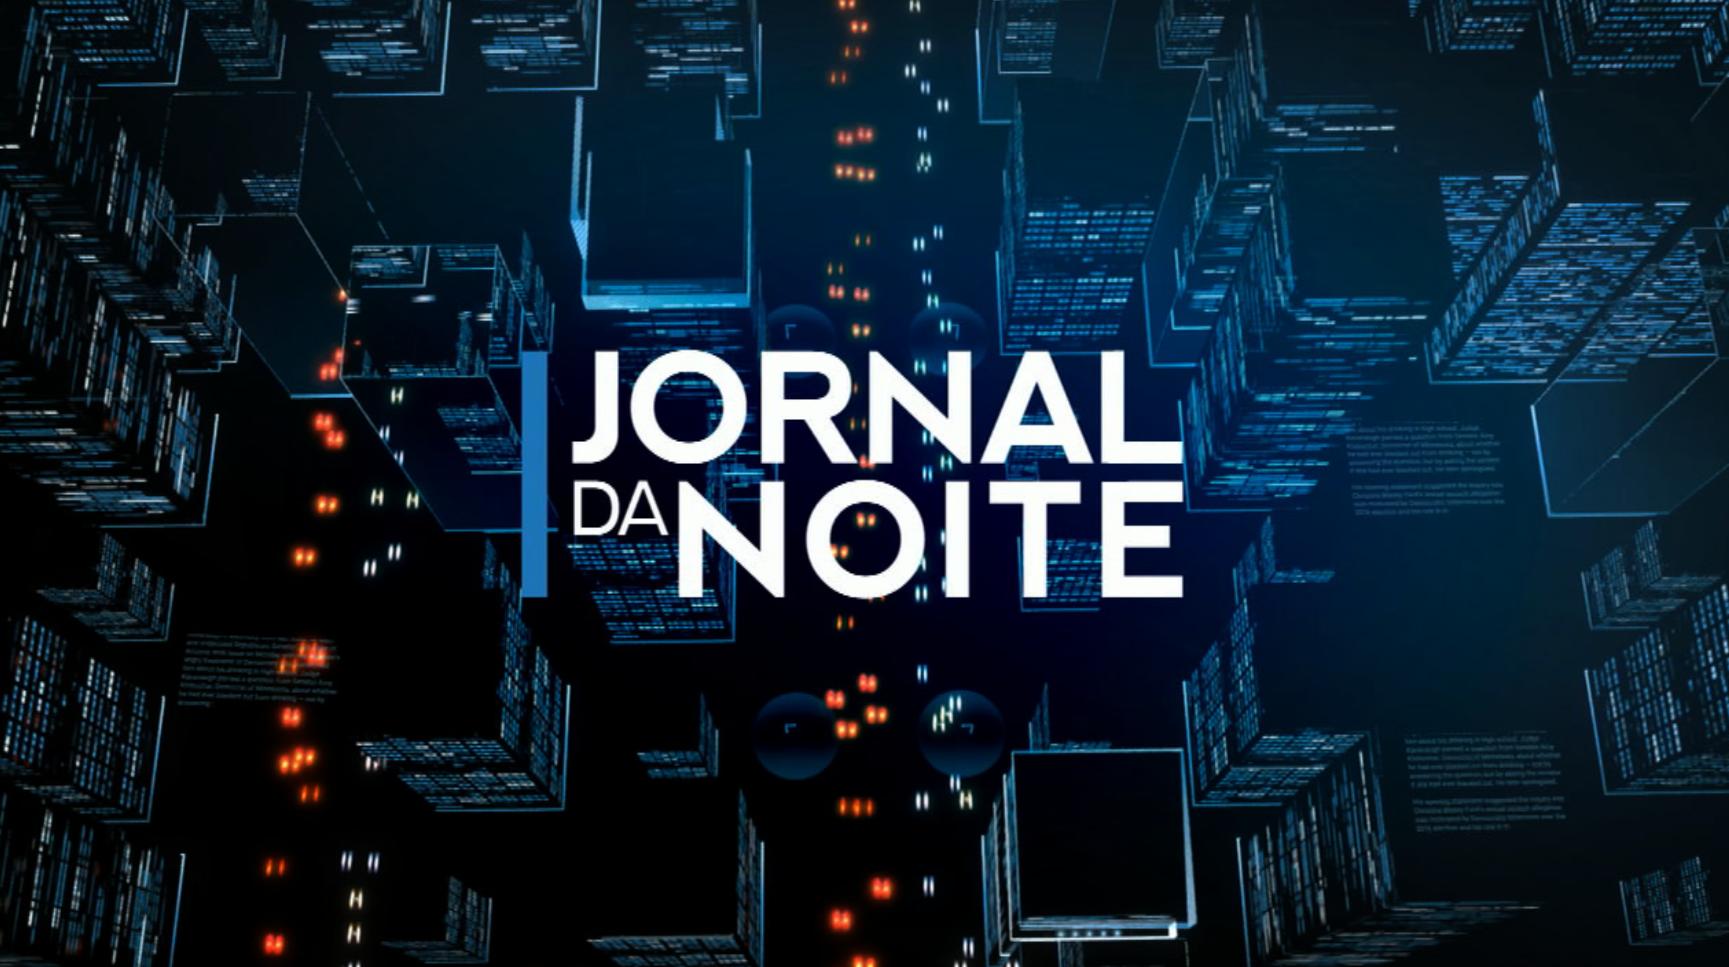 JORNAL DA NOITE